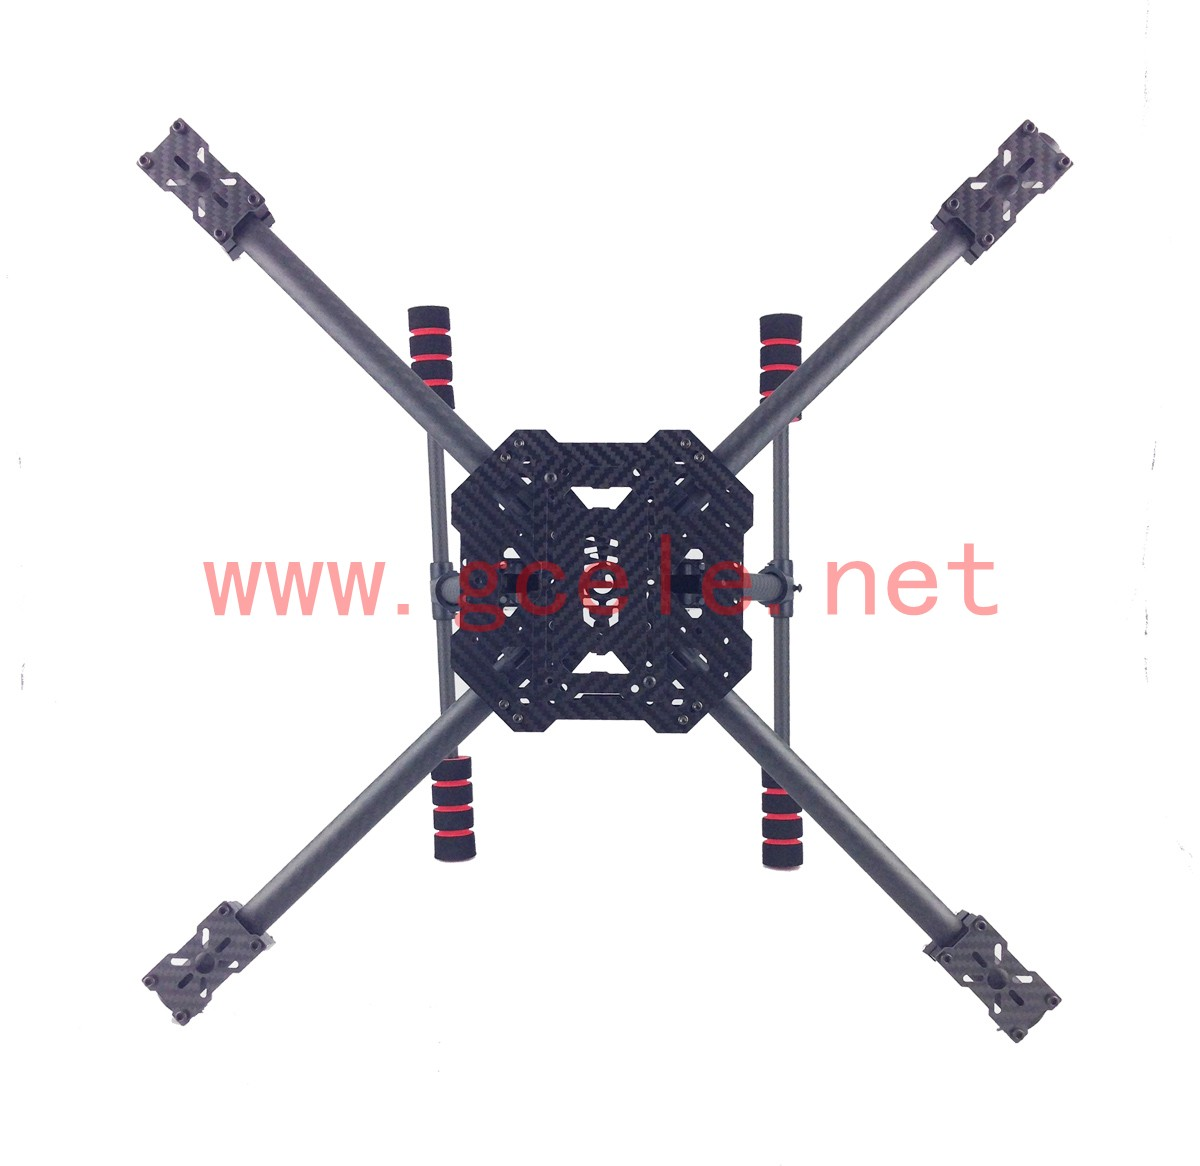 Folding Quad Rotor Frame 500 550 600mm Carbon Fiber Quad